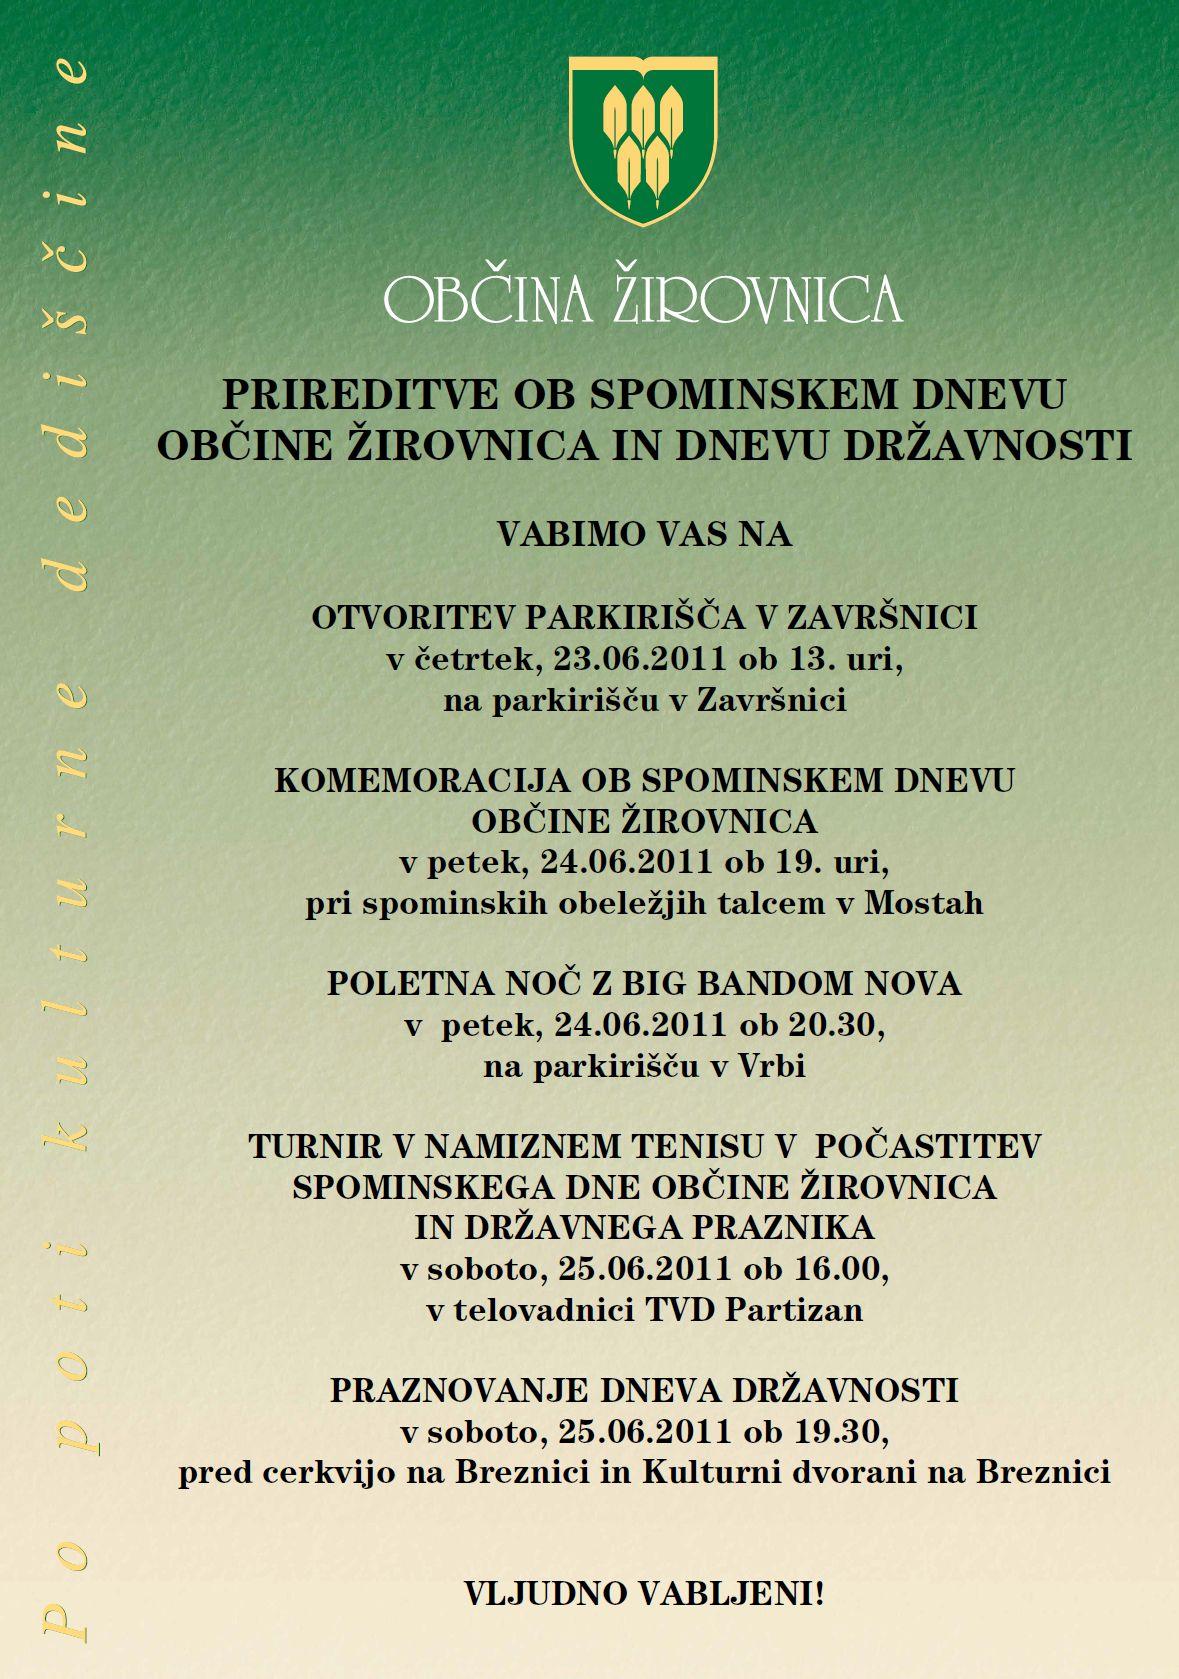 plakat  - prireditve ob Spominskem dnevu O in dnevu dravnosti